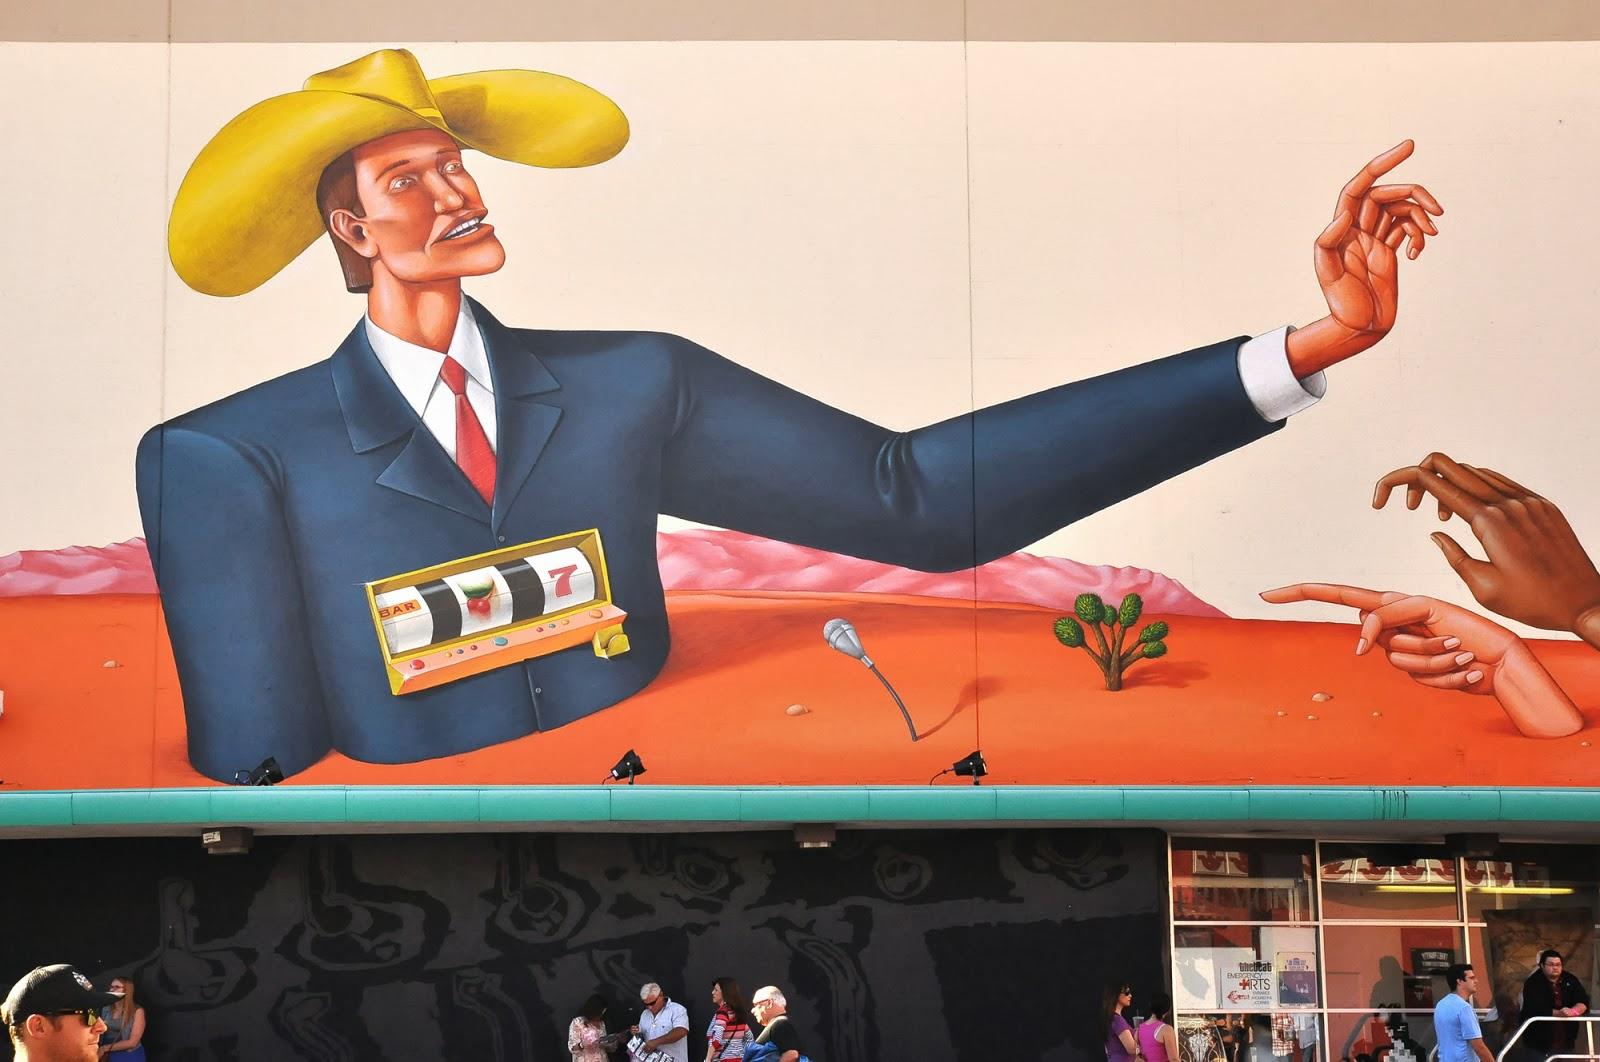 interesni-kazki-new-mural-las-vegas-usa-02